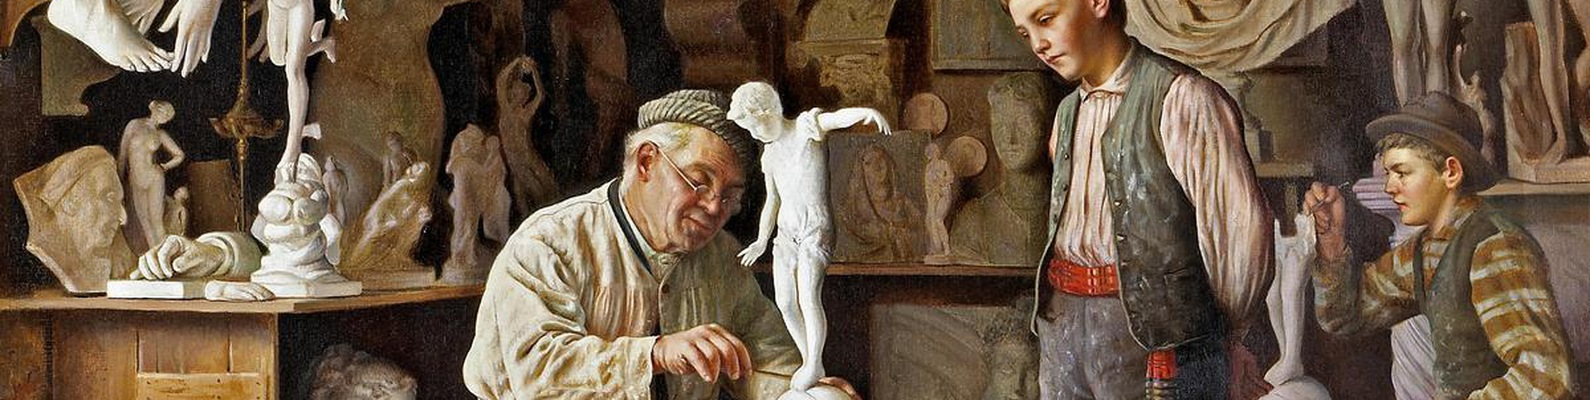 Скульптор, фигурки , барельефы.   ВКонтакте